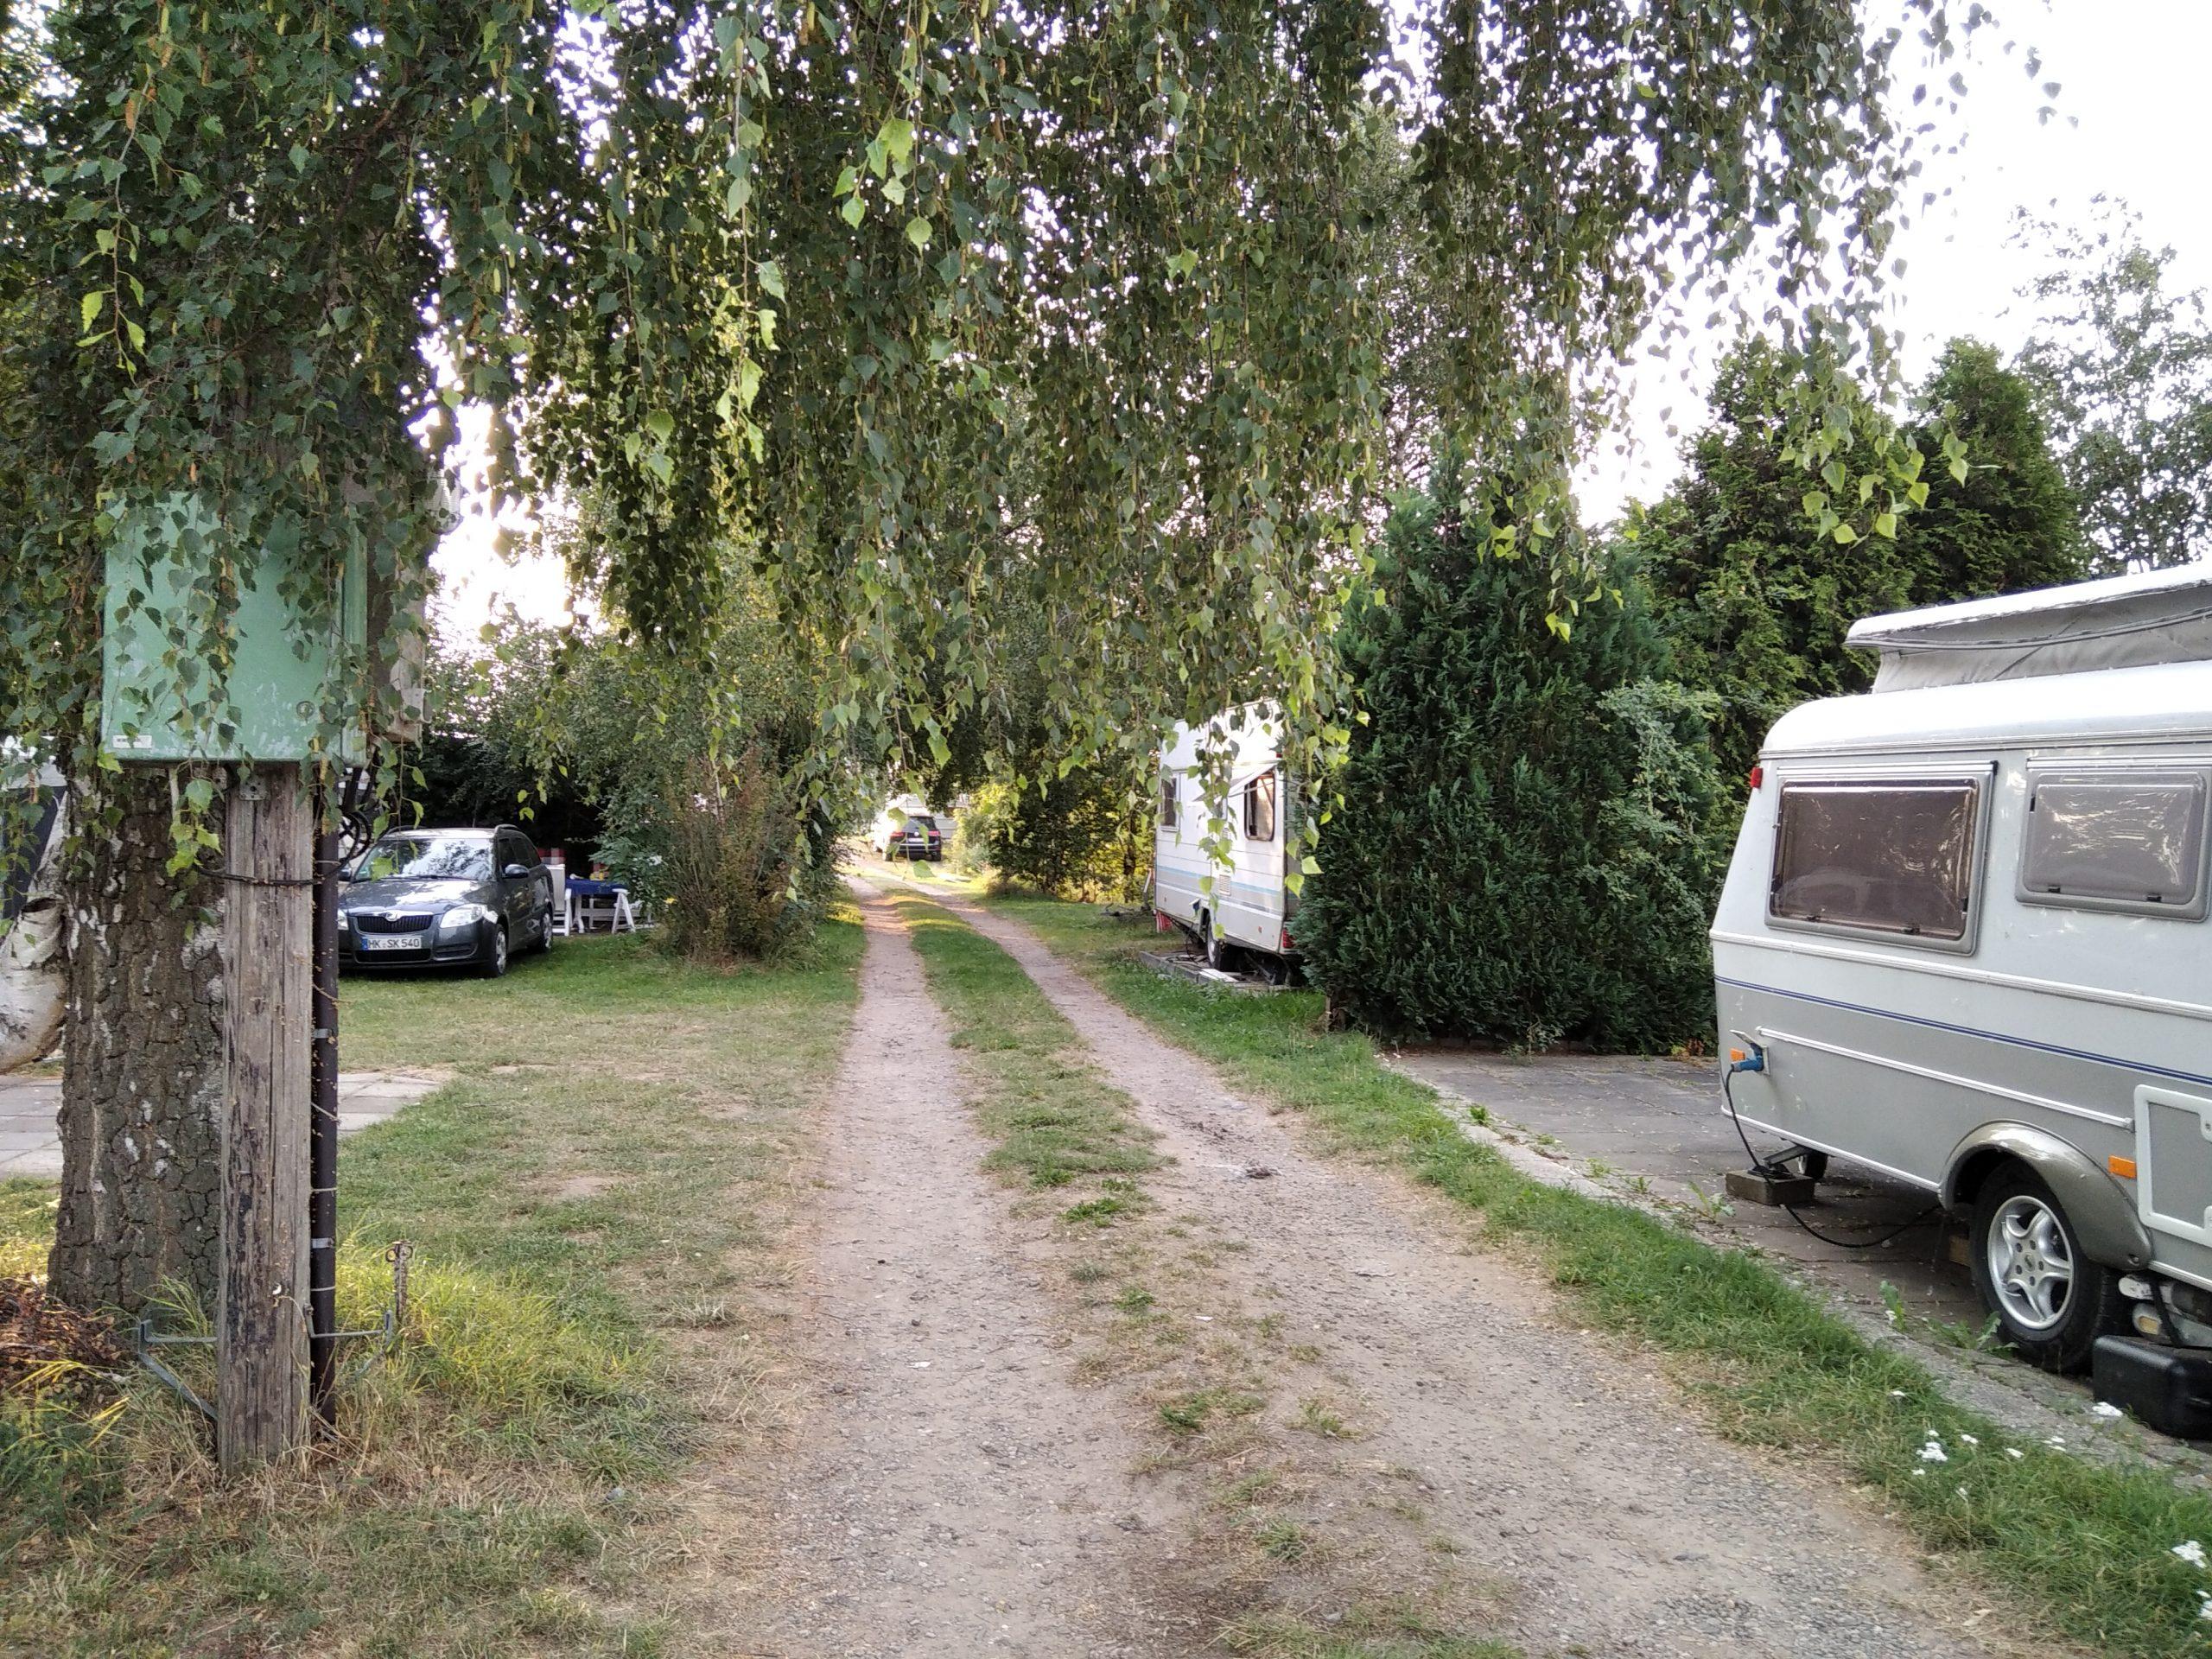 Weser-Camping-Bollen. Ein Blick auf den Platz